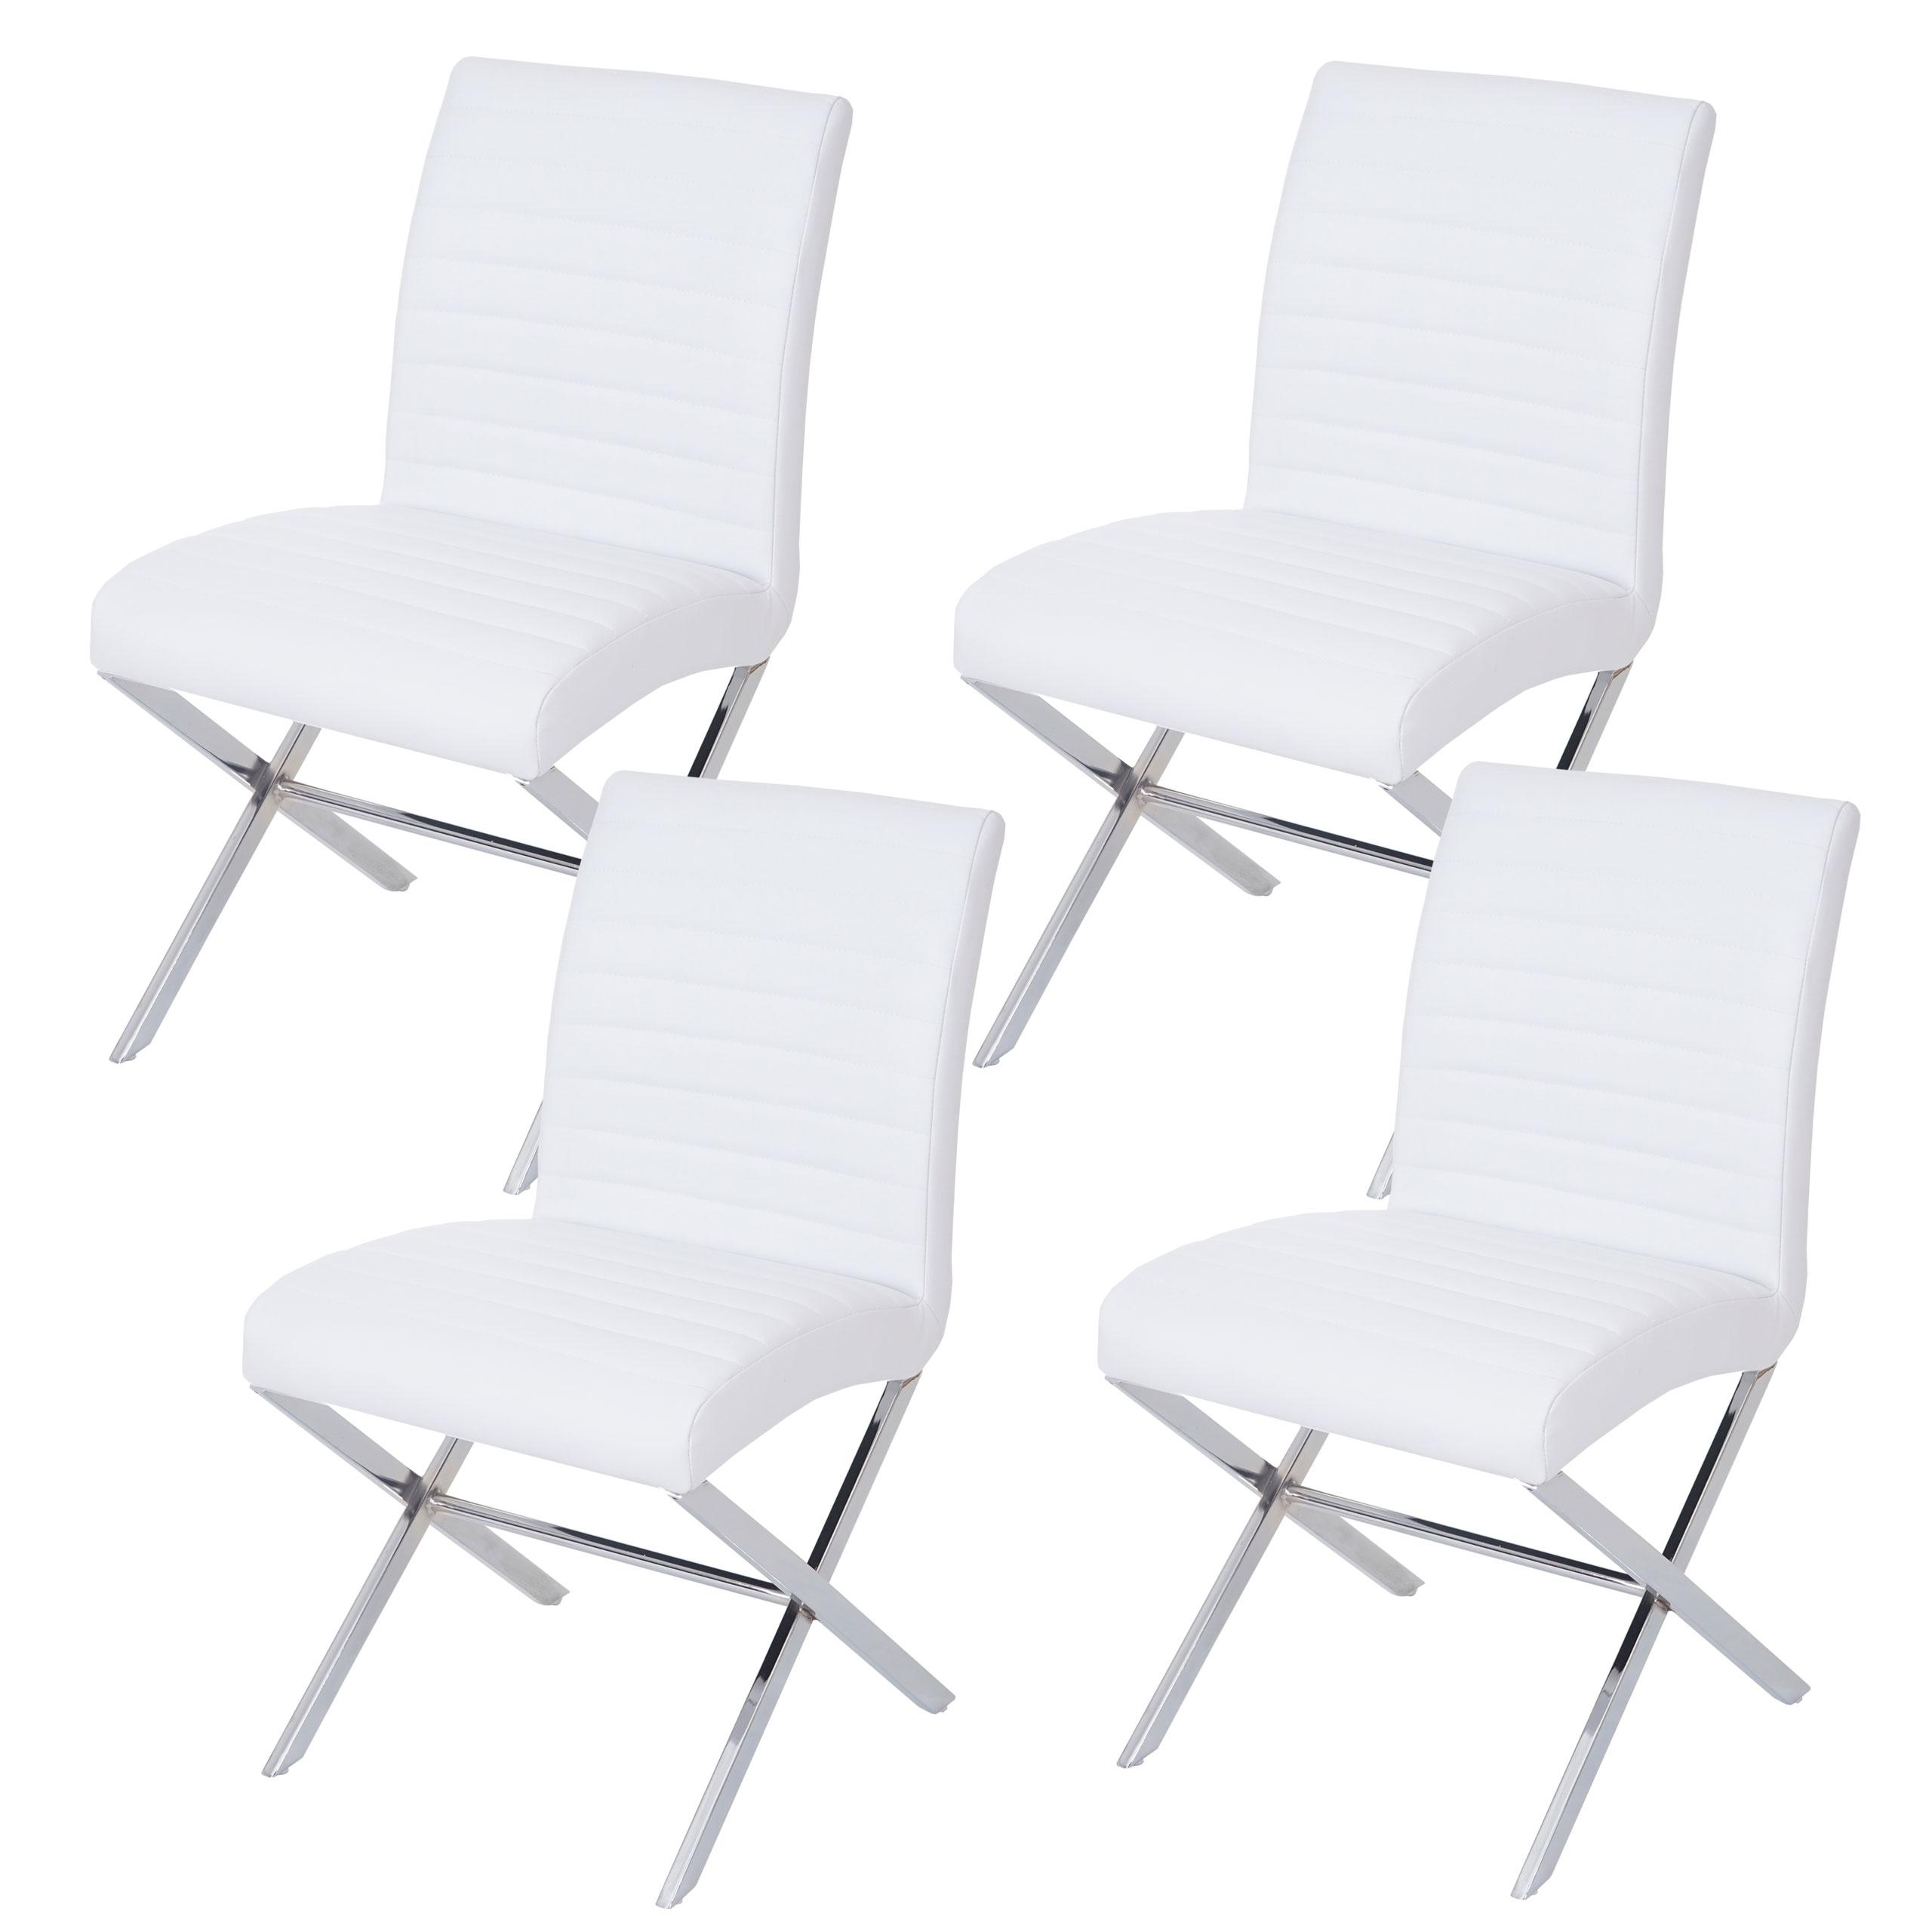 Set 4x sedie sala da pranzo ufficio fano t711 ecopelle acciaio 60x47x87cm ebay - Sedie sala da pranzo ...